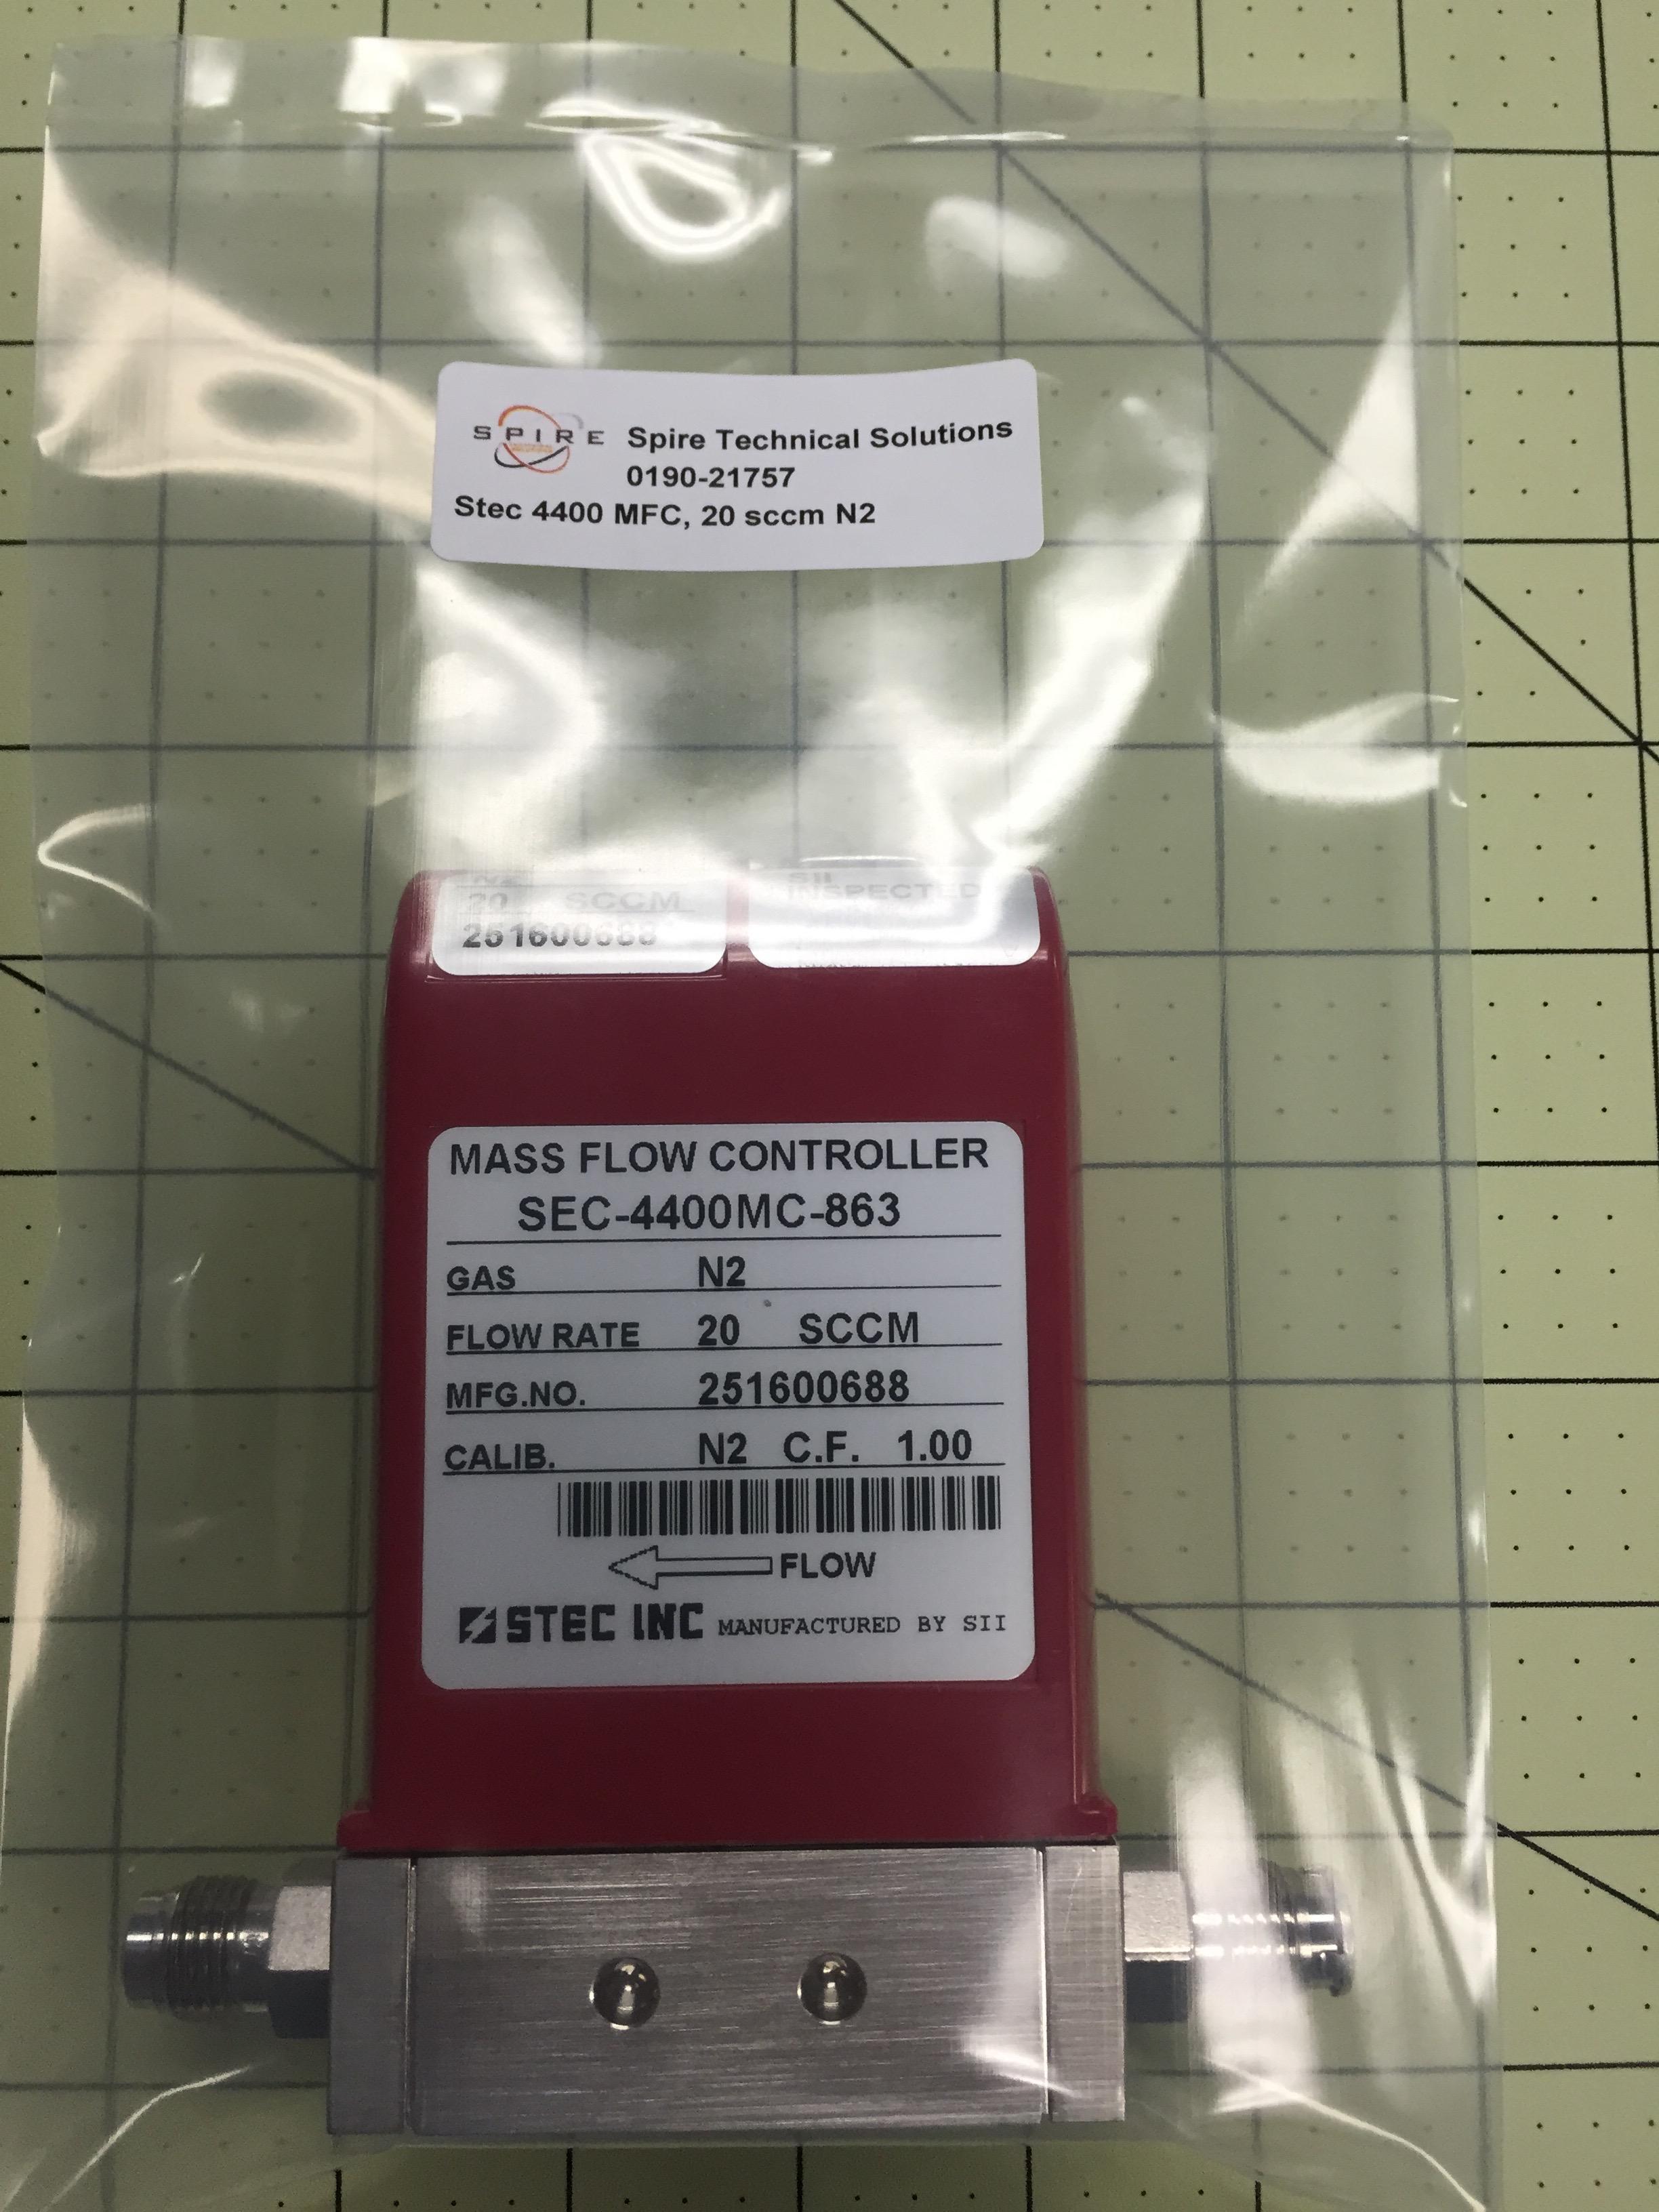 Stec 4400 MFC, 20 sccm N2